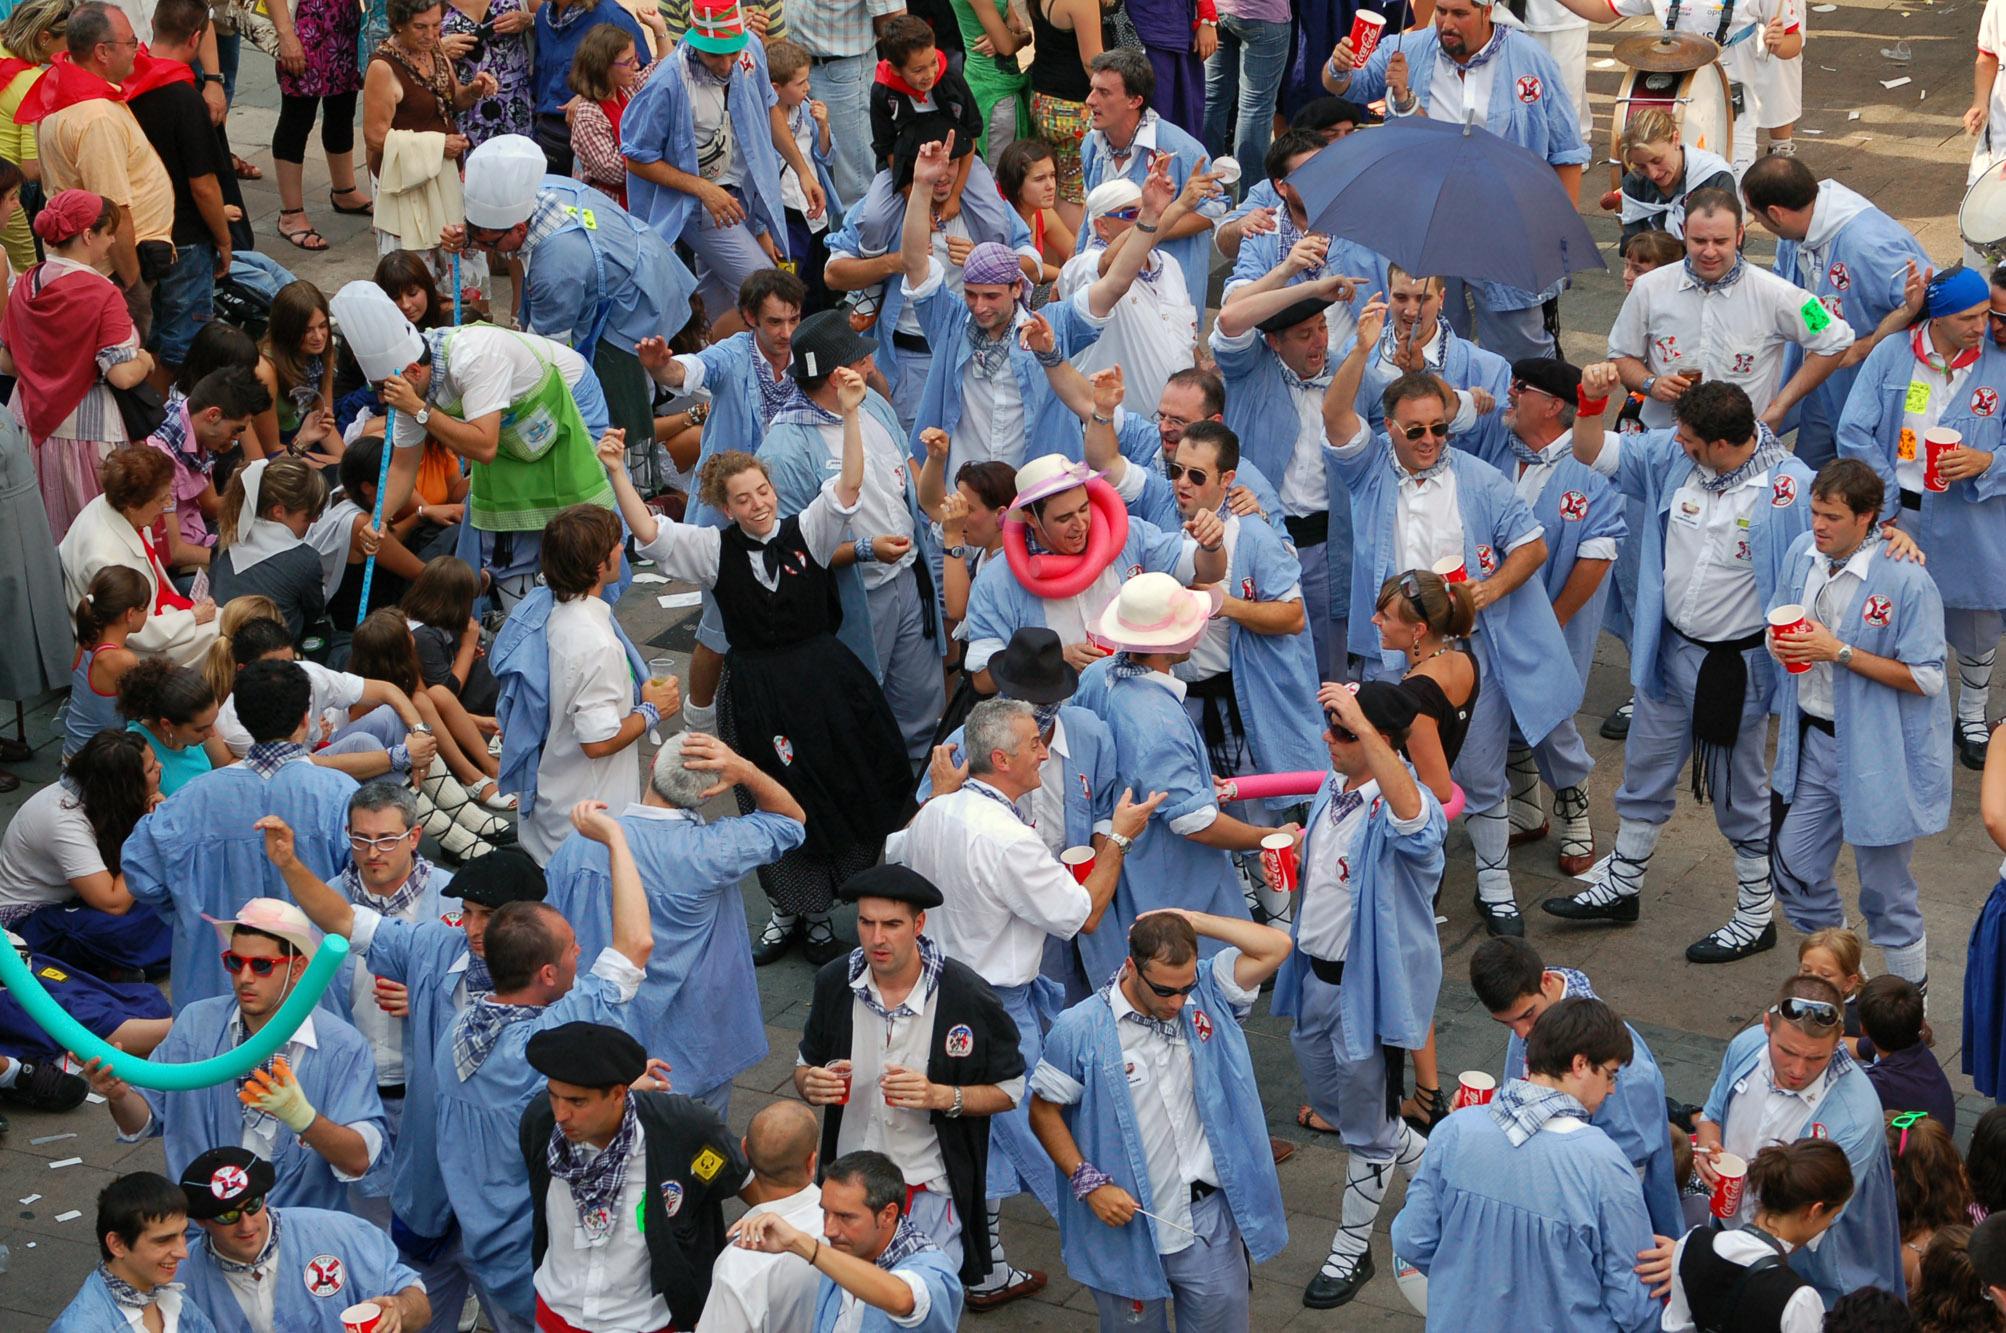 El Día Del Blusa Volverá A Ser La Mejor Fiesta 10 Razones Norte Exprés Noticias De Vitoria Gasteiz Y álava